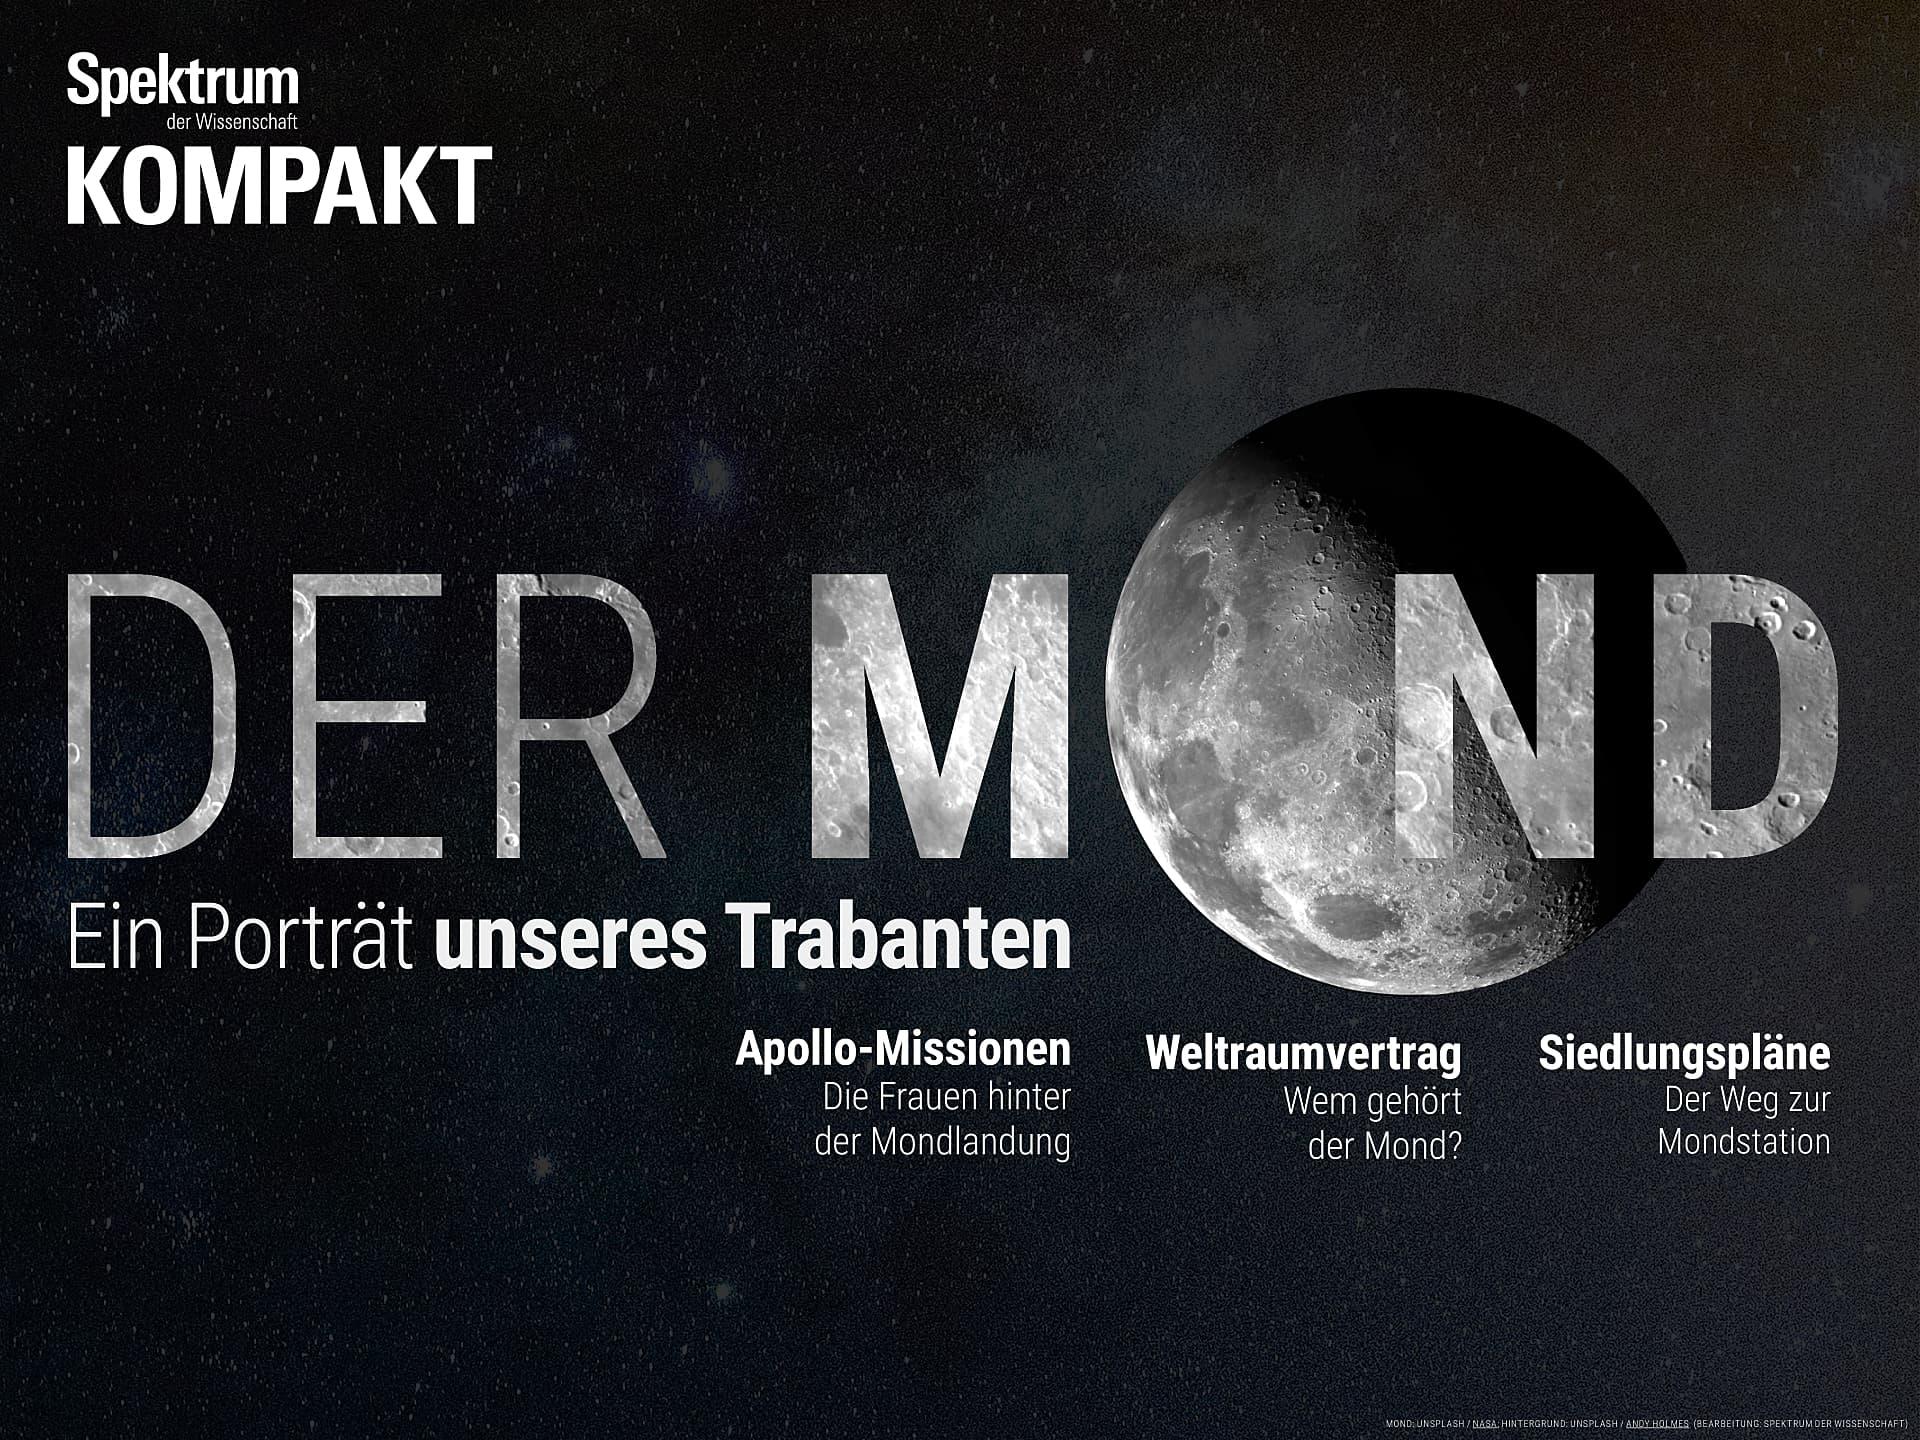 Der Mond - Ein Porträt unseres Trabanten